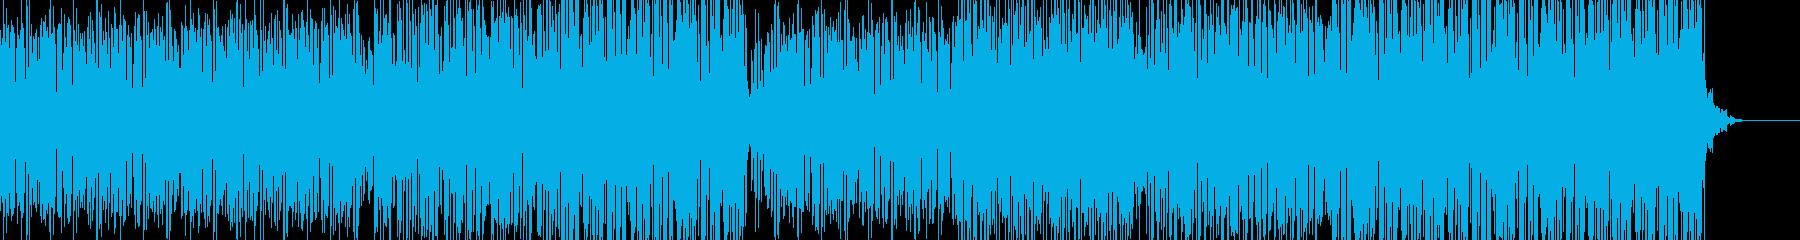 カッコ良いスピード感のあるBGMの再生済みの波形